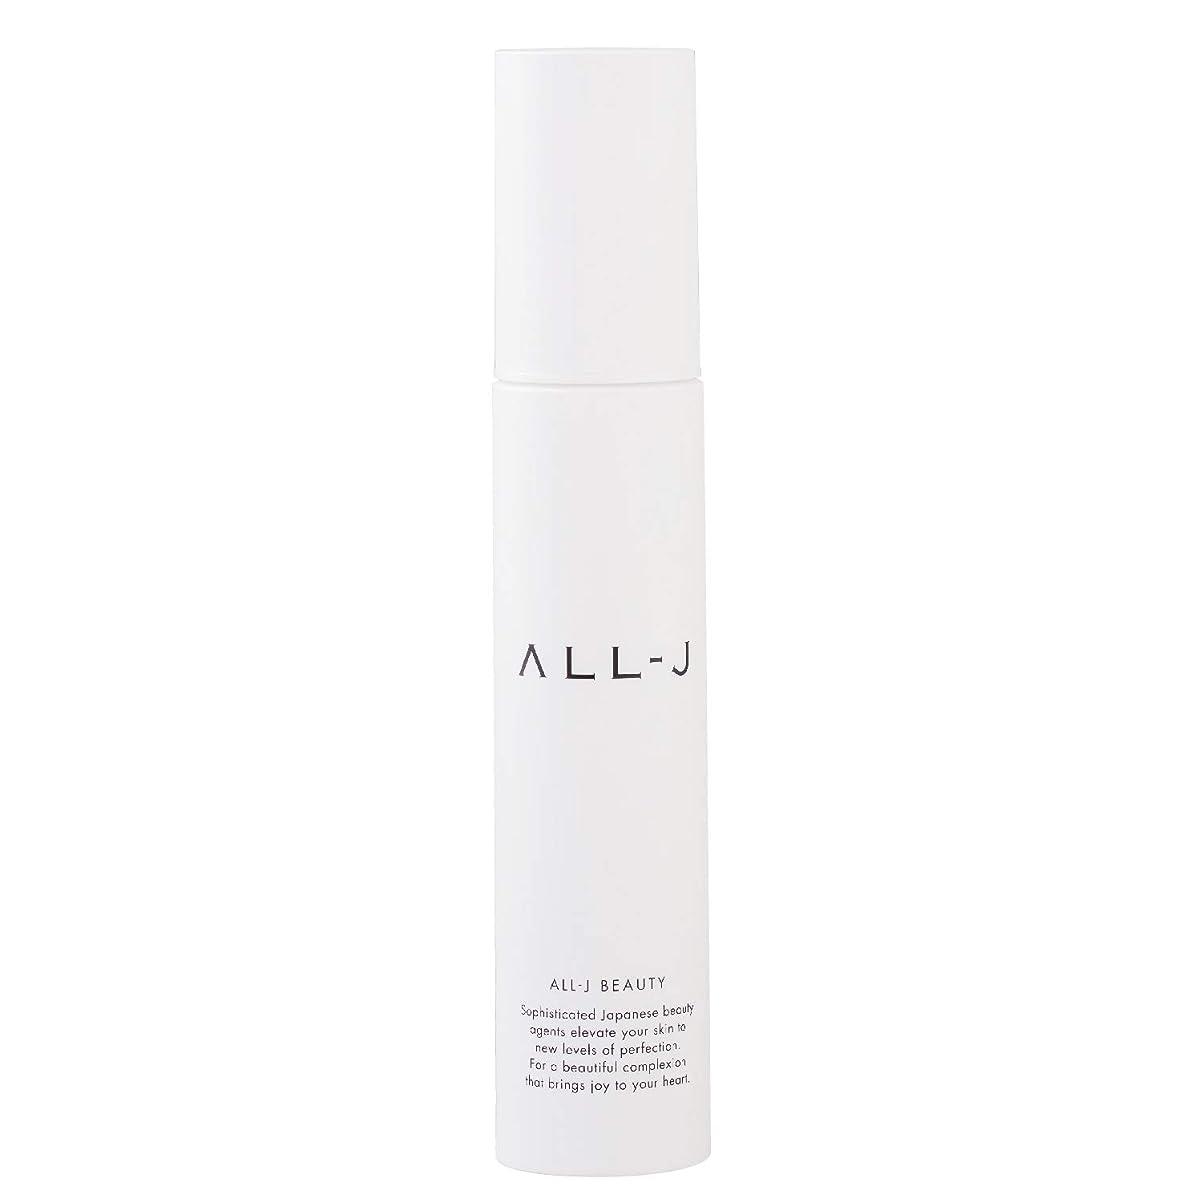 動かない特殊不透明なALL-J (オールジェイ) オールインワンジェル モイスチャーゲルクリーム 50g セラミド 保湿 美容液